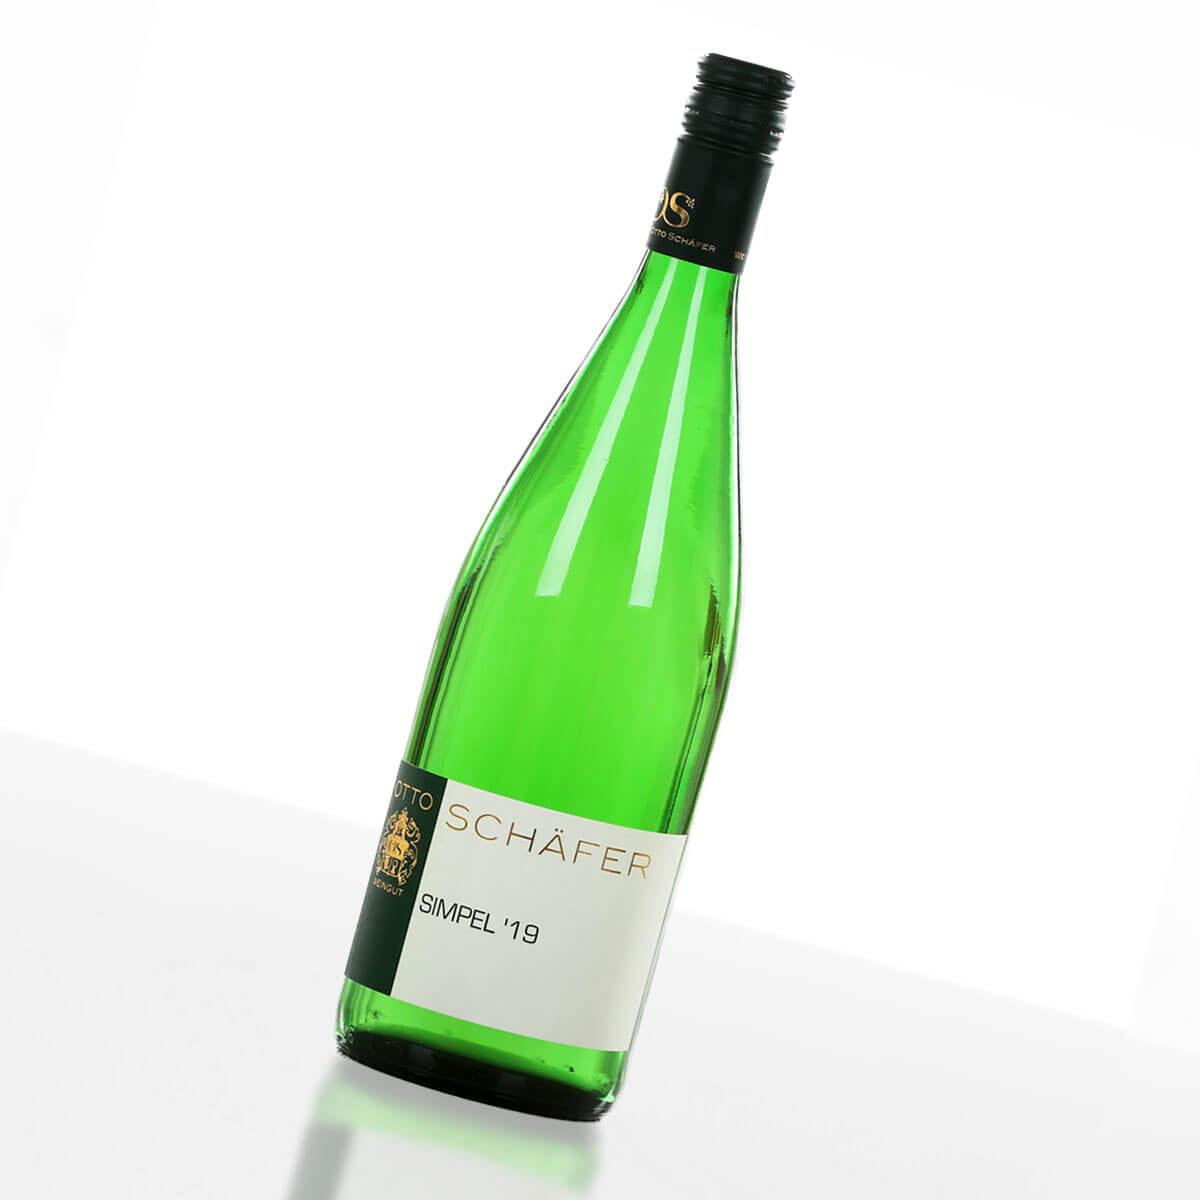 SIMPEL '19 - trocken • Weingut Otto Schäfer